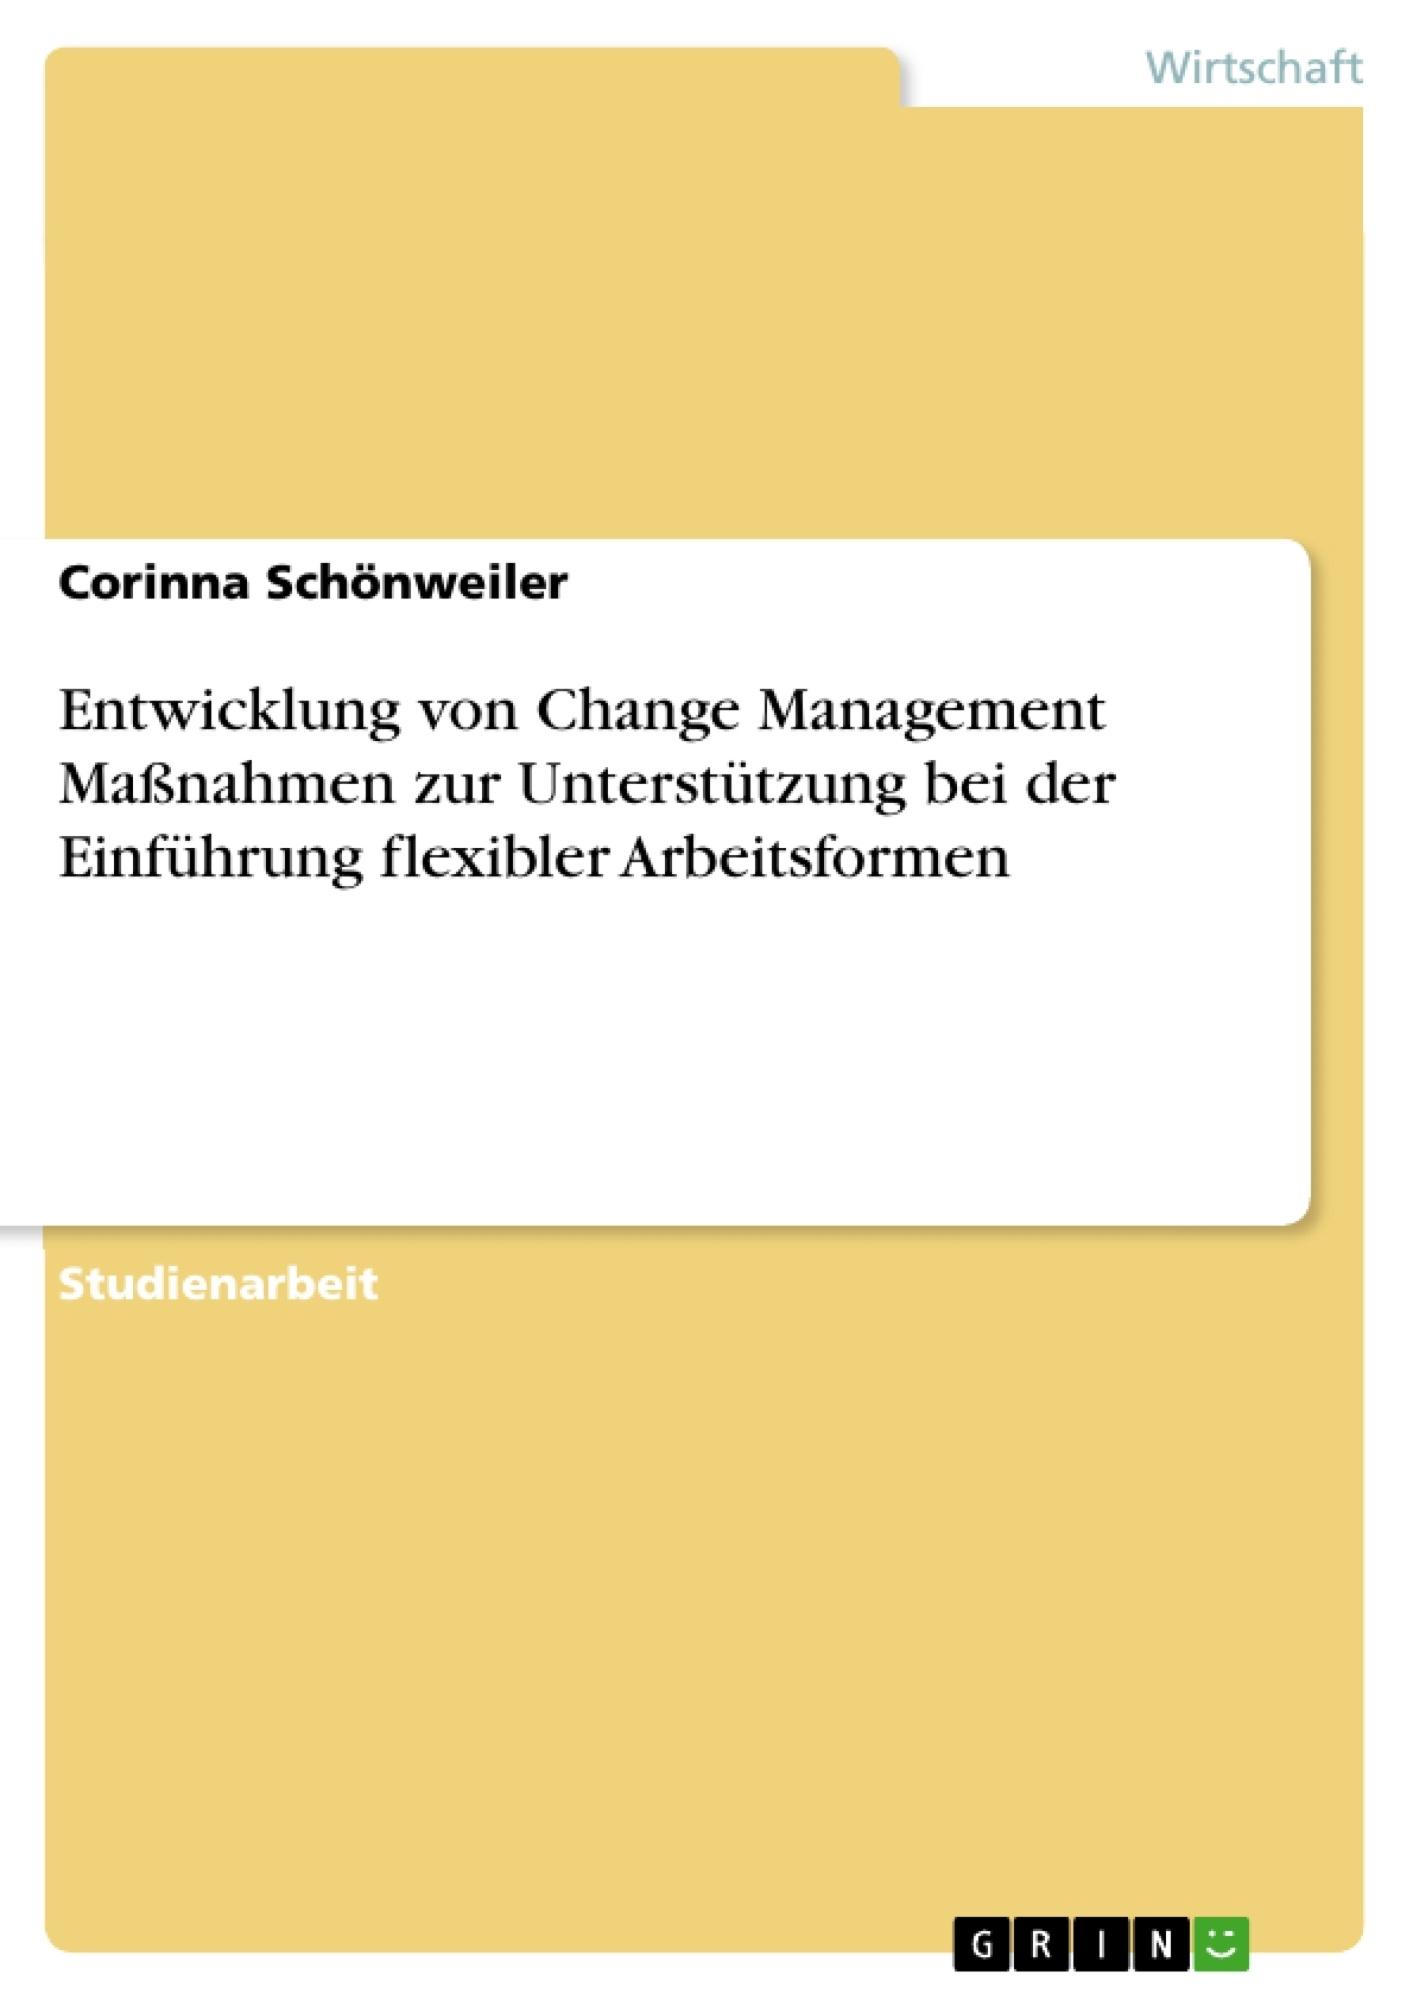 Titel: Entwicklung von Change Management Maßnahmen zur Unterstützung bei der Einführung flexibler Arbeitsformen